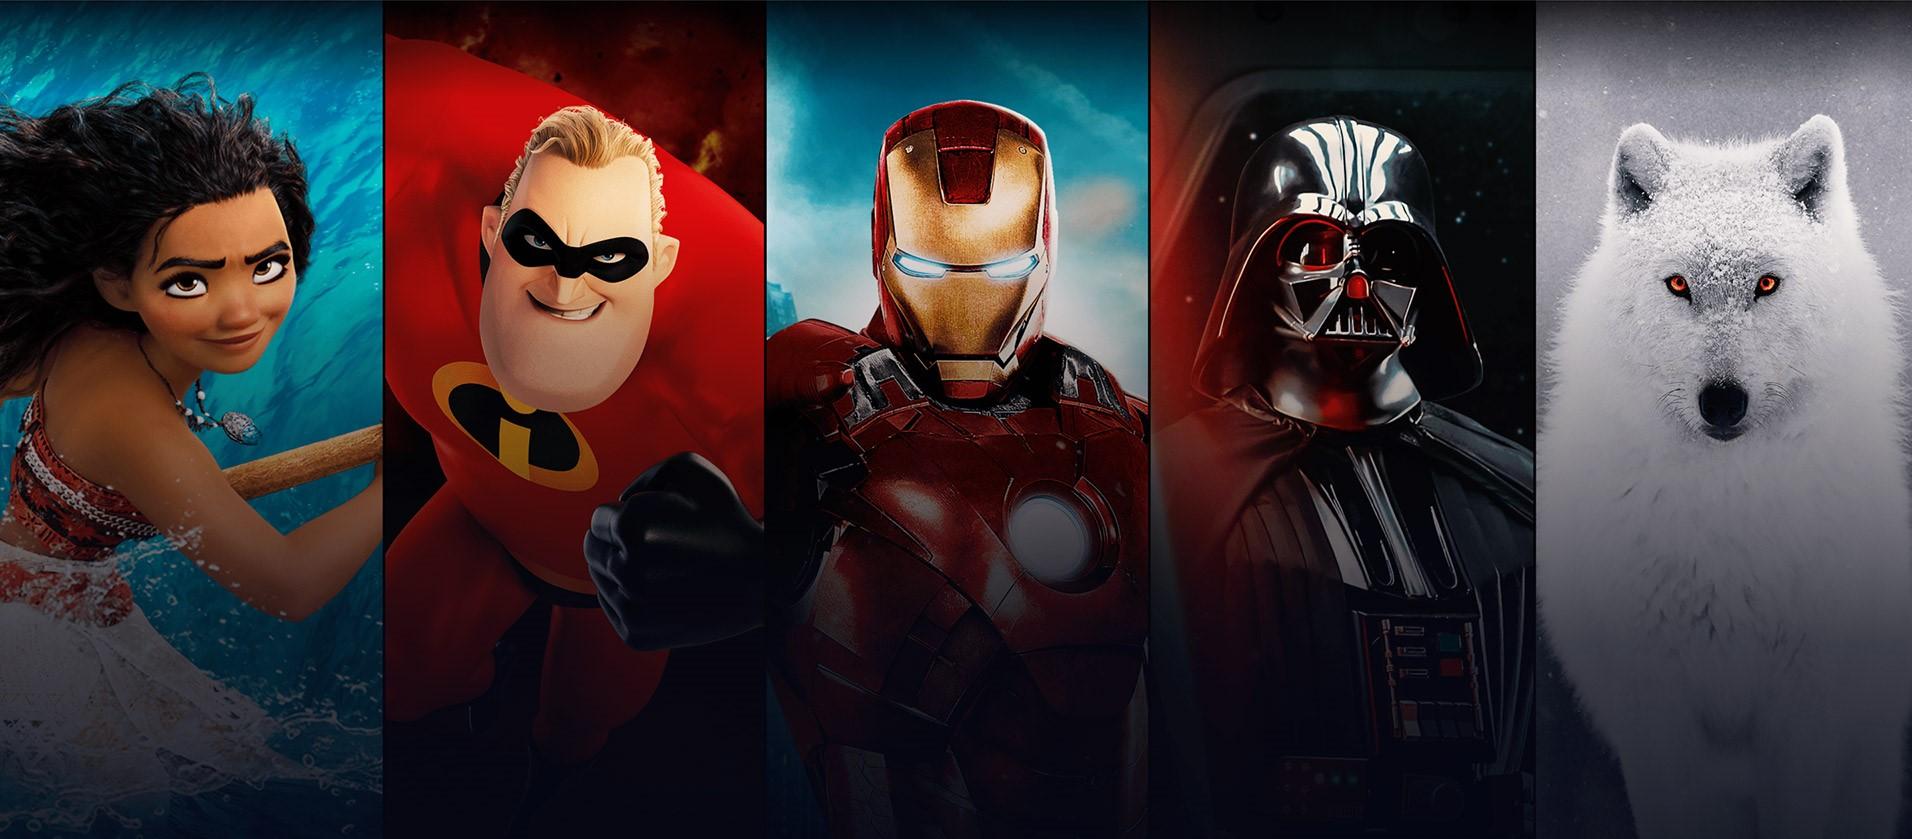 Disney+ serier – fem bra nyheter att streama i höst